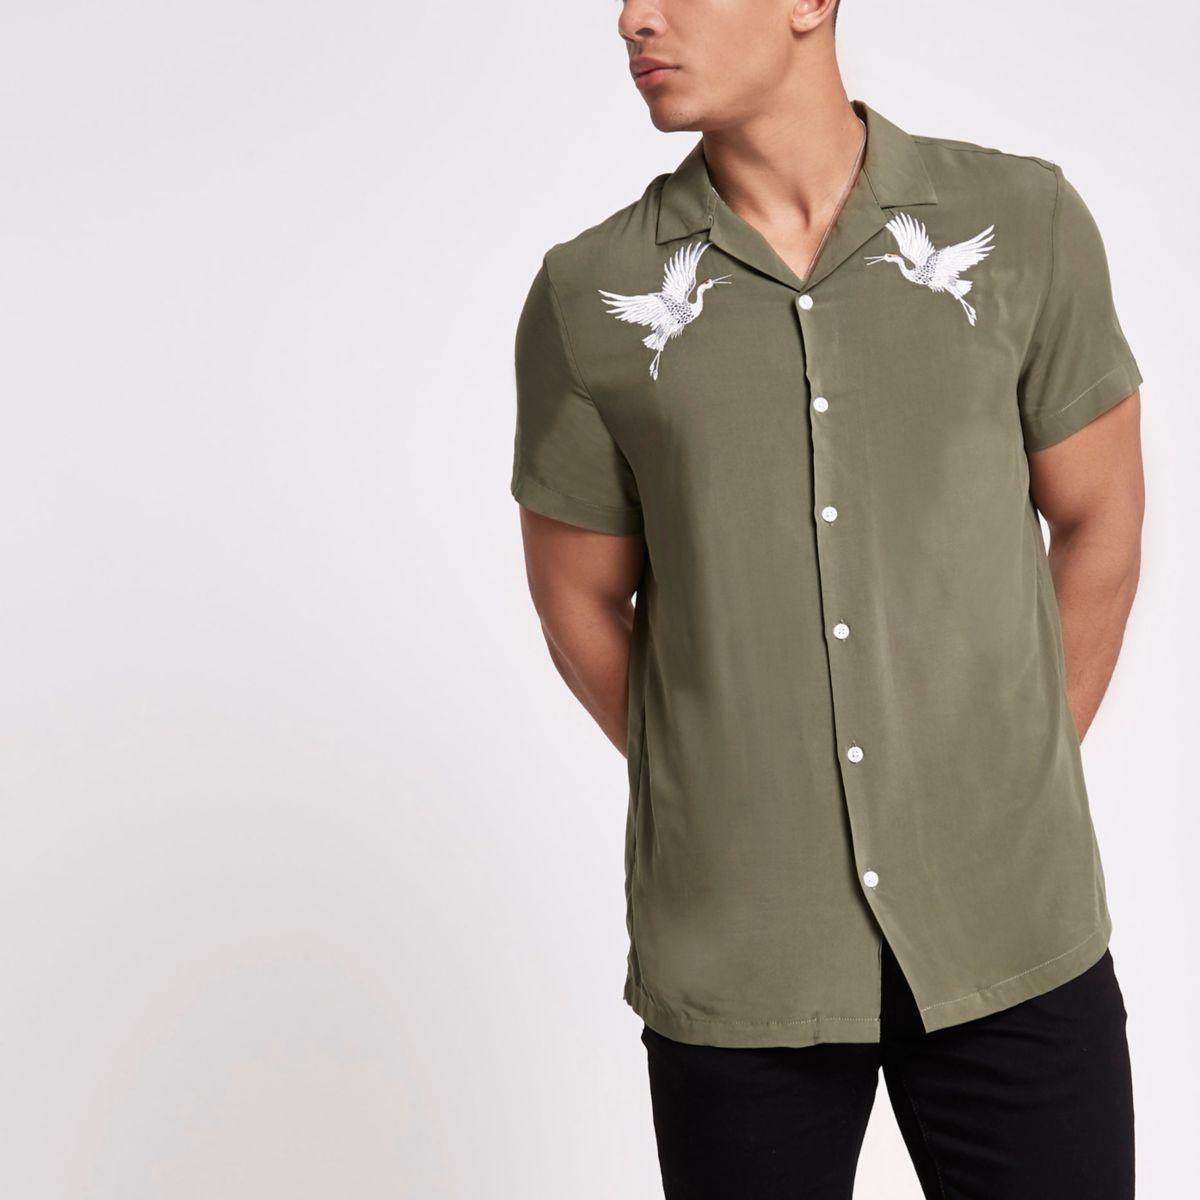 Khaki crane embroidered revere shirt